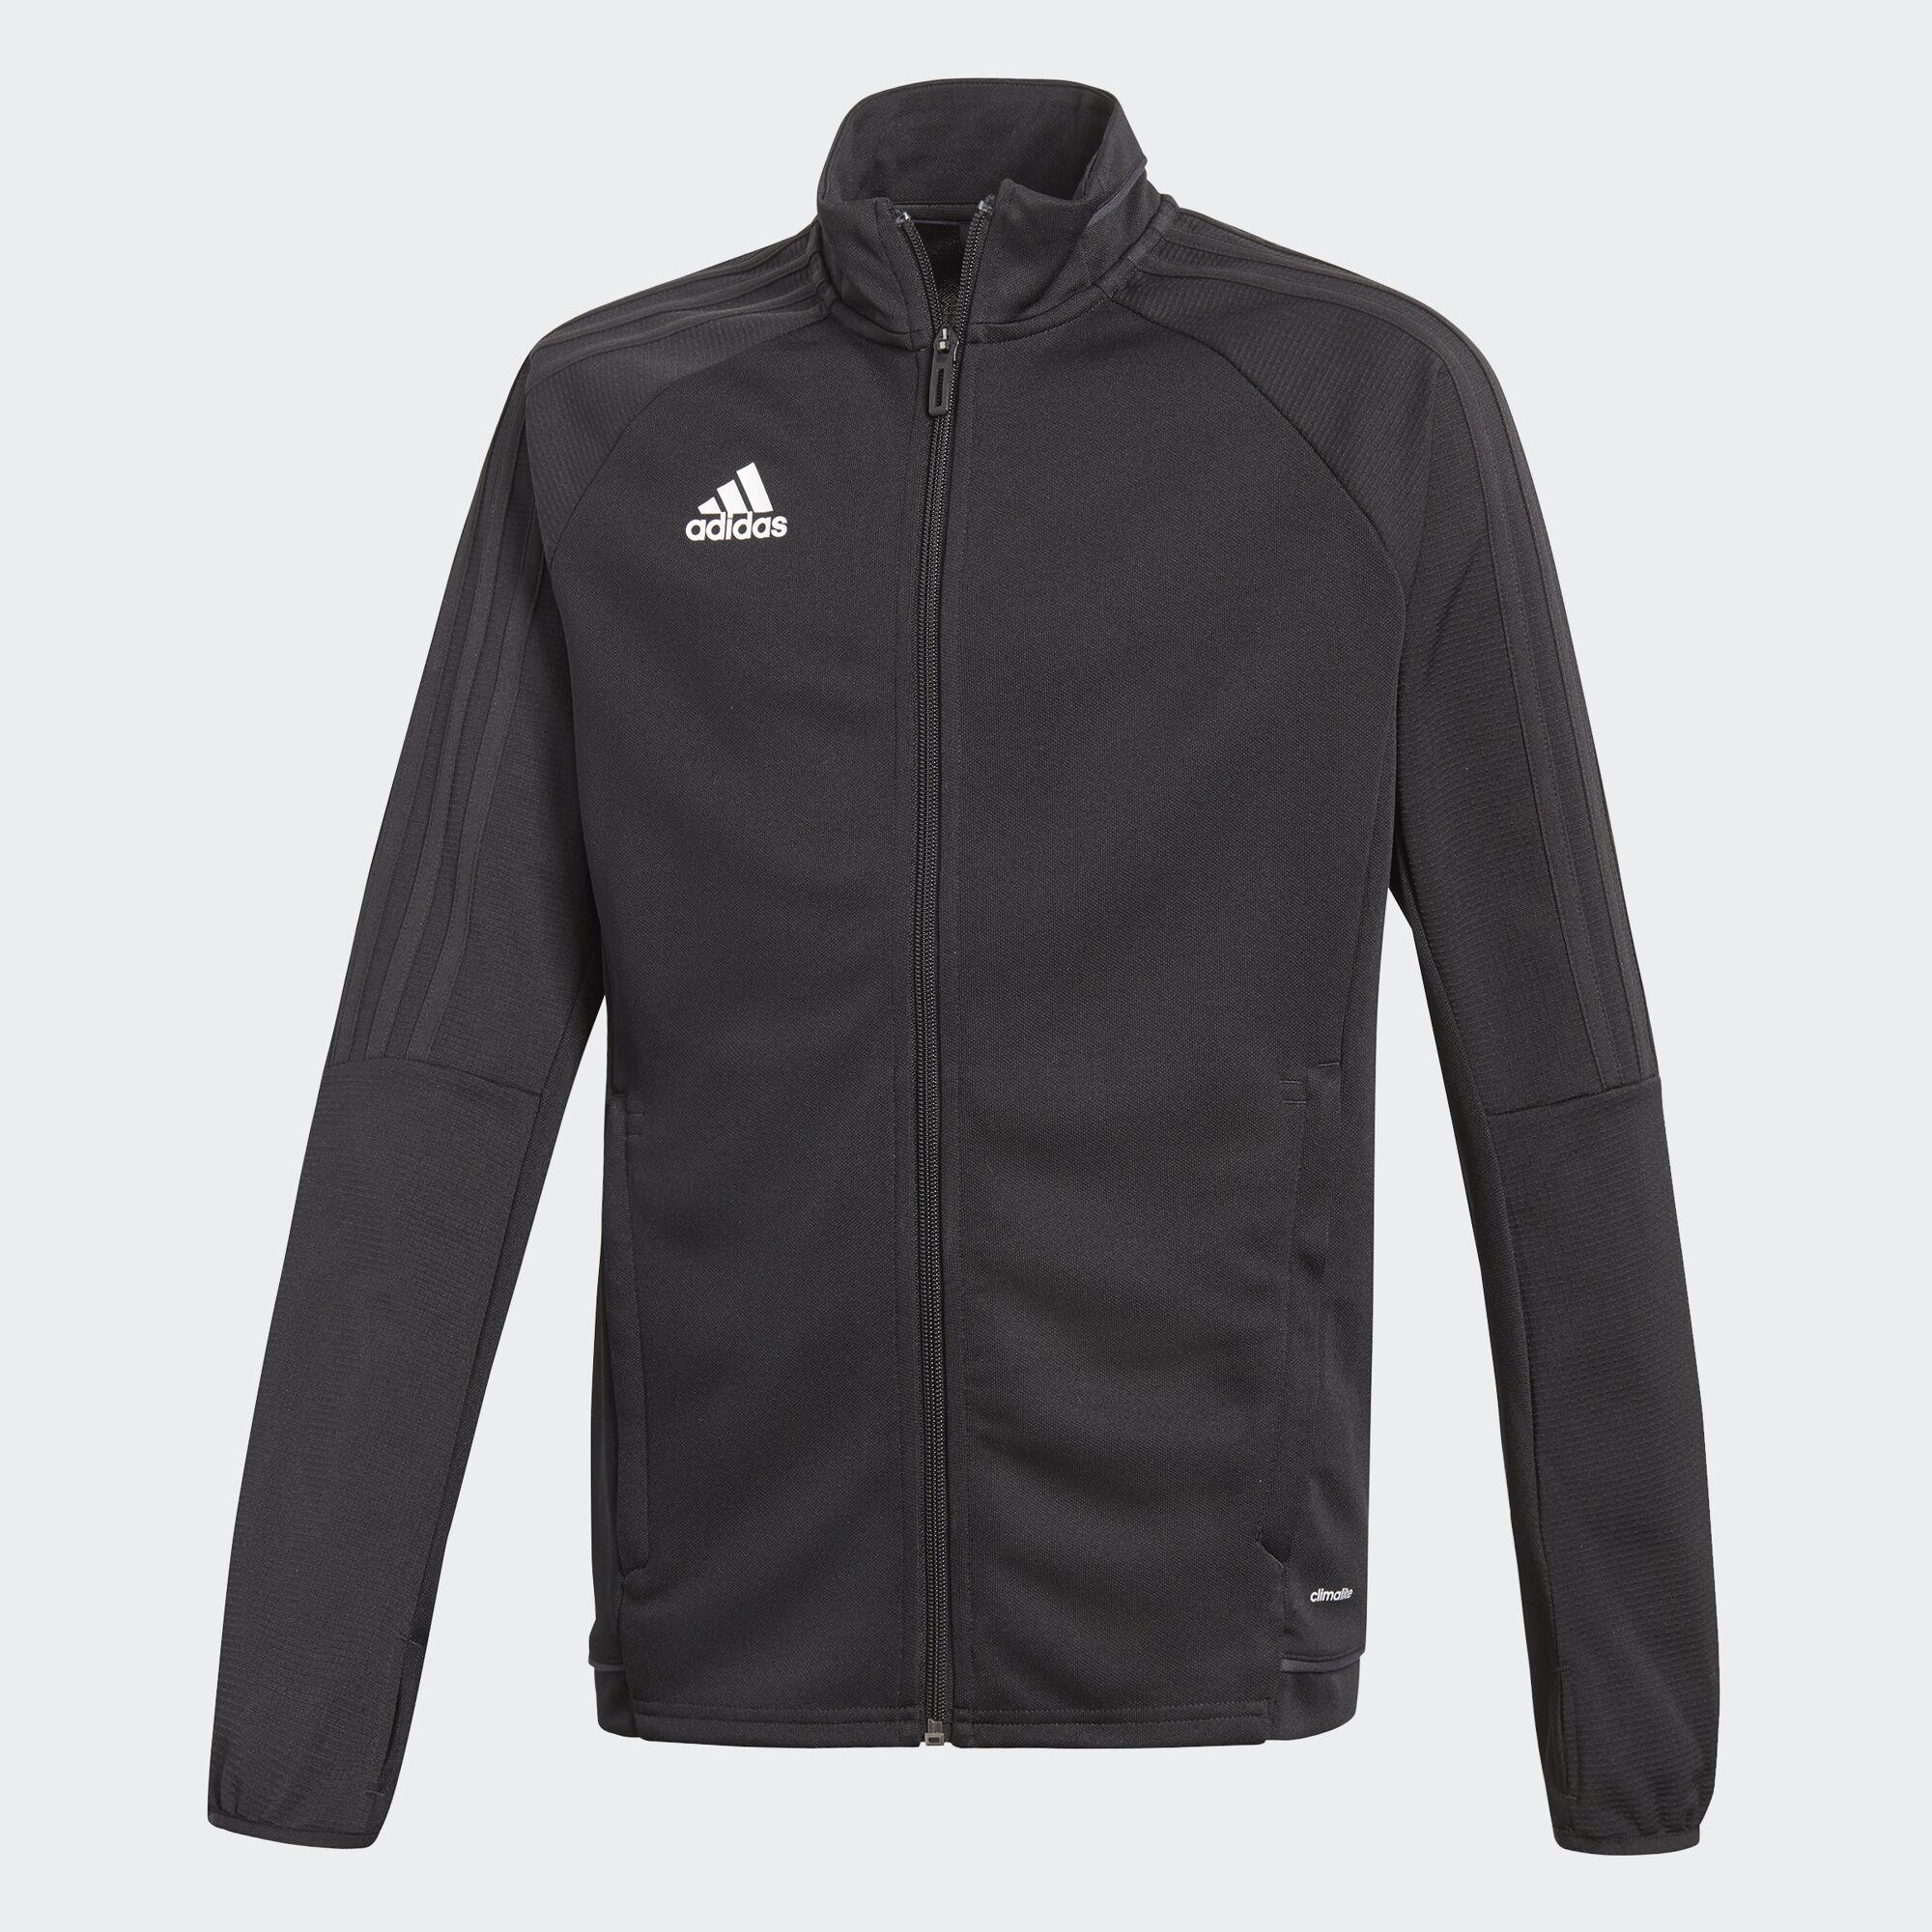 Adidas jacket - Adidas Tiro 17 Training Jacket Black White Bj9296